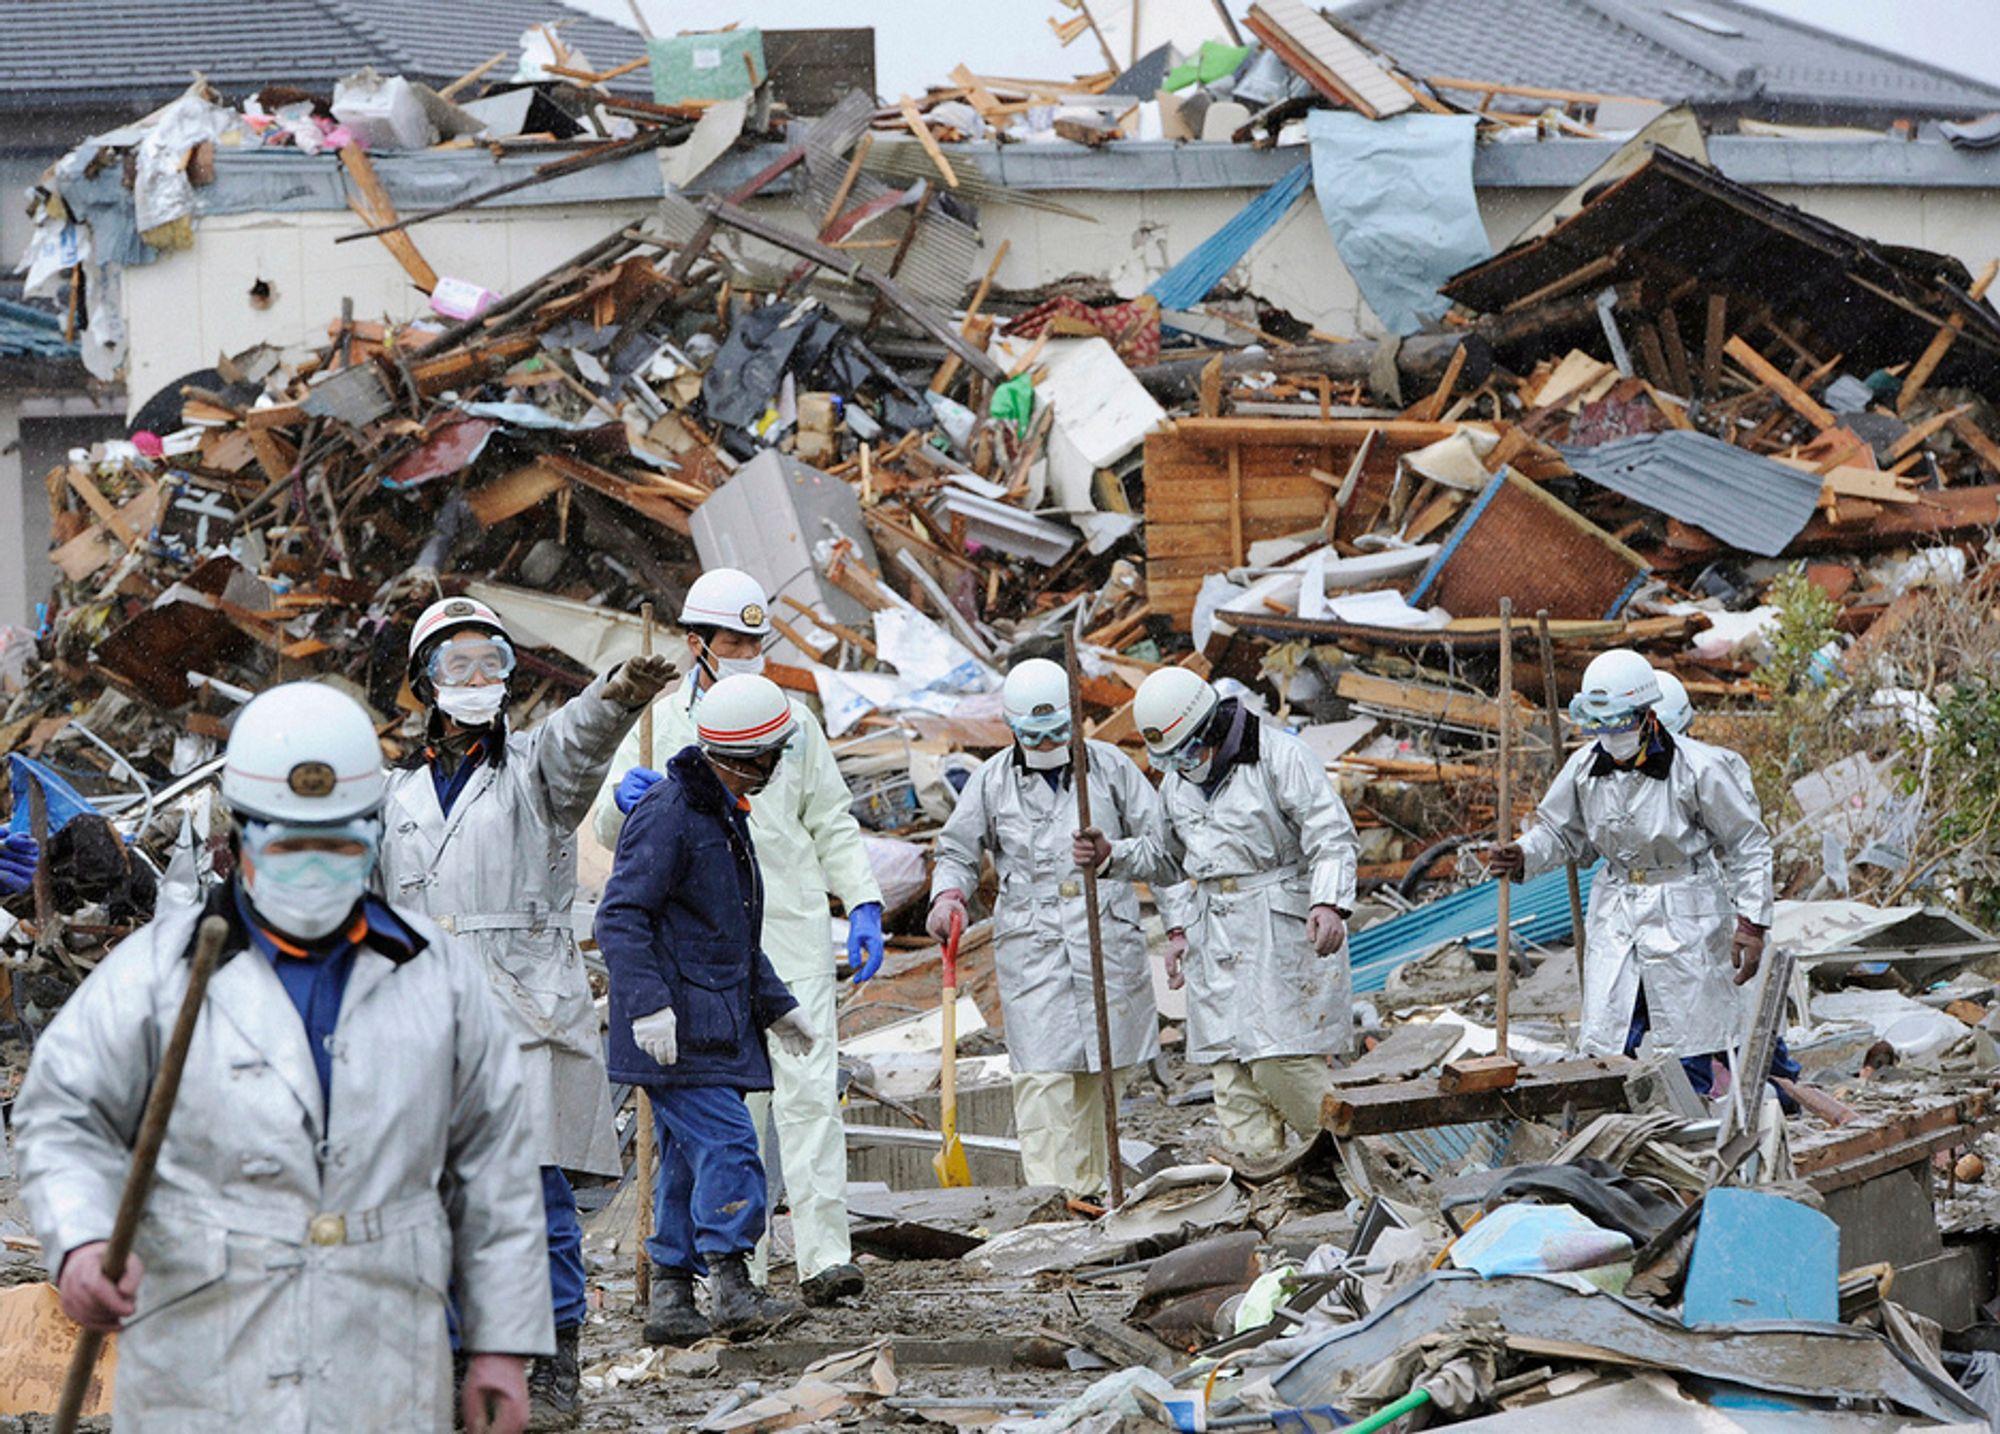 STORE ØDELEGGELSER: Jordskjelvet i Japan la deler av landet i ruiner. Både fabrikker, veier og elnett er skadet, og det kan føre til forstyrrelser i landets produksjon. Det får igjen følger for den globale industrien, som kan oppleve delemangel.